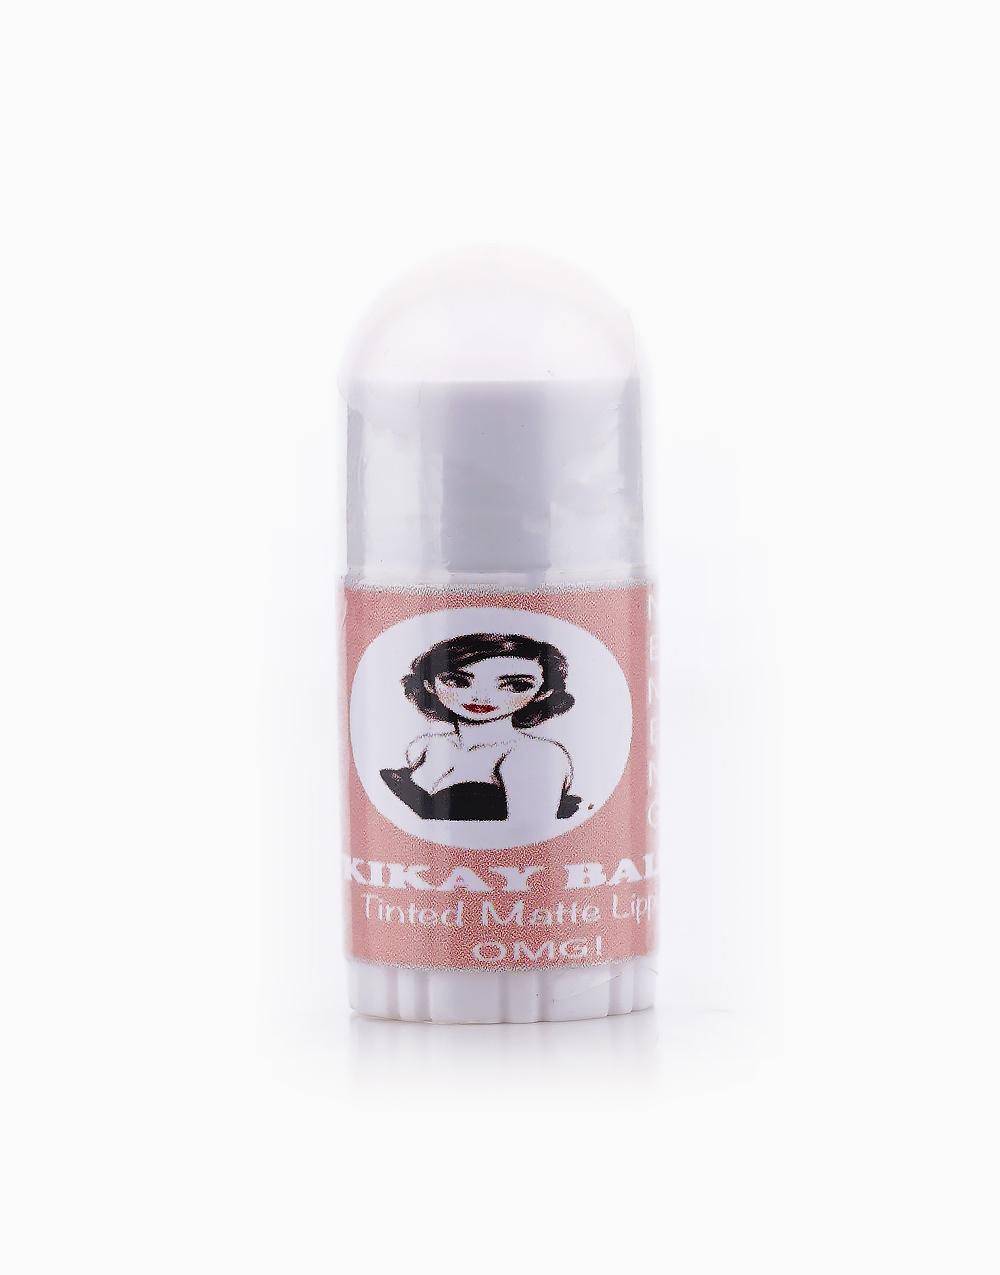 Kikay Balm Tinted Matte Lippie Mini by Neneng | OMG! (Apricot)